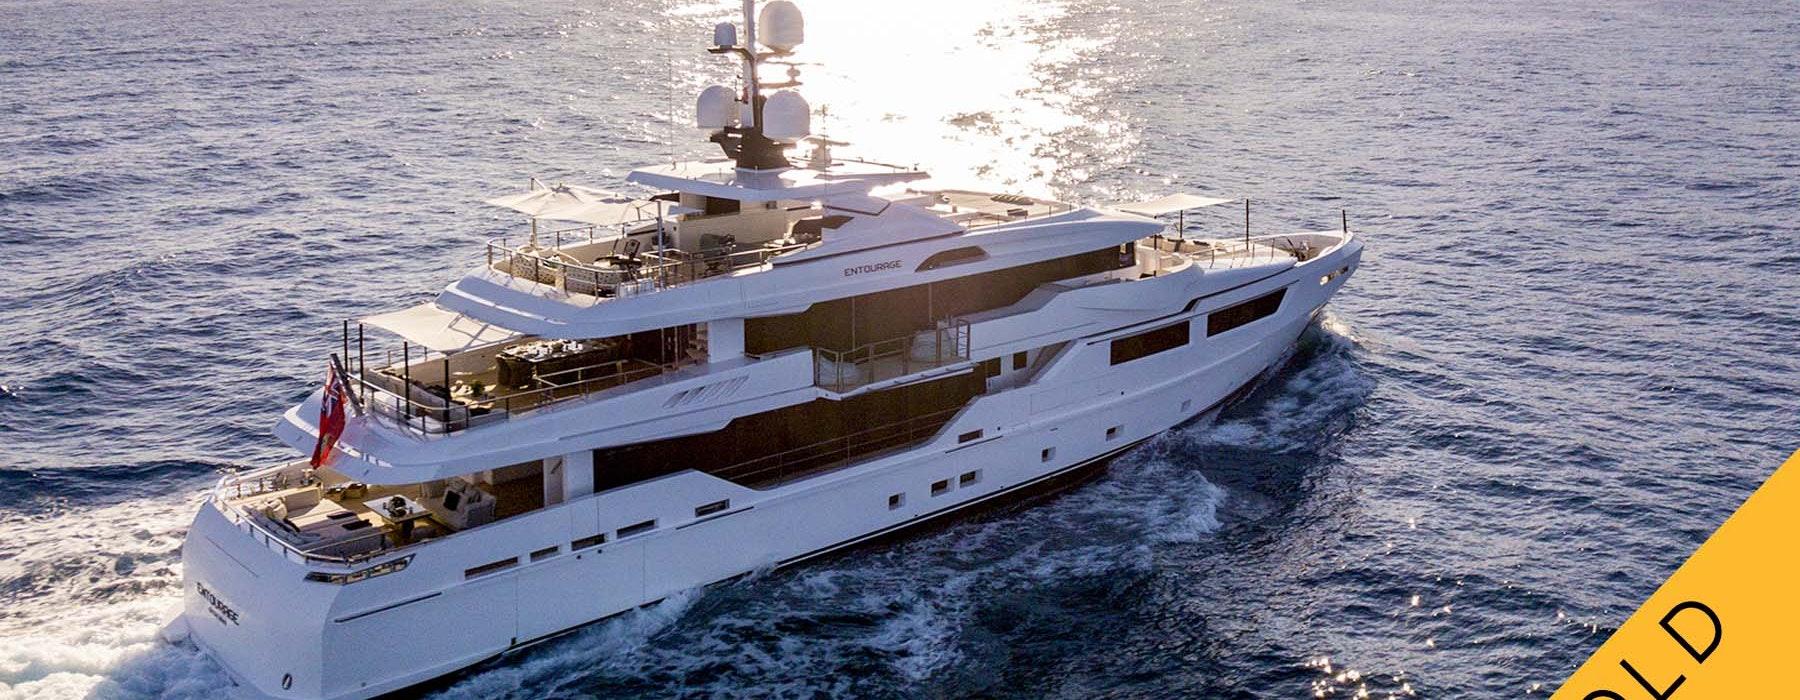 ENTOURAGE Admiral Luxury yacht SOLD